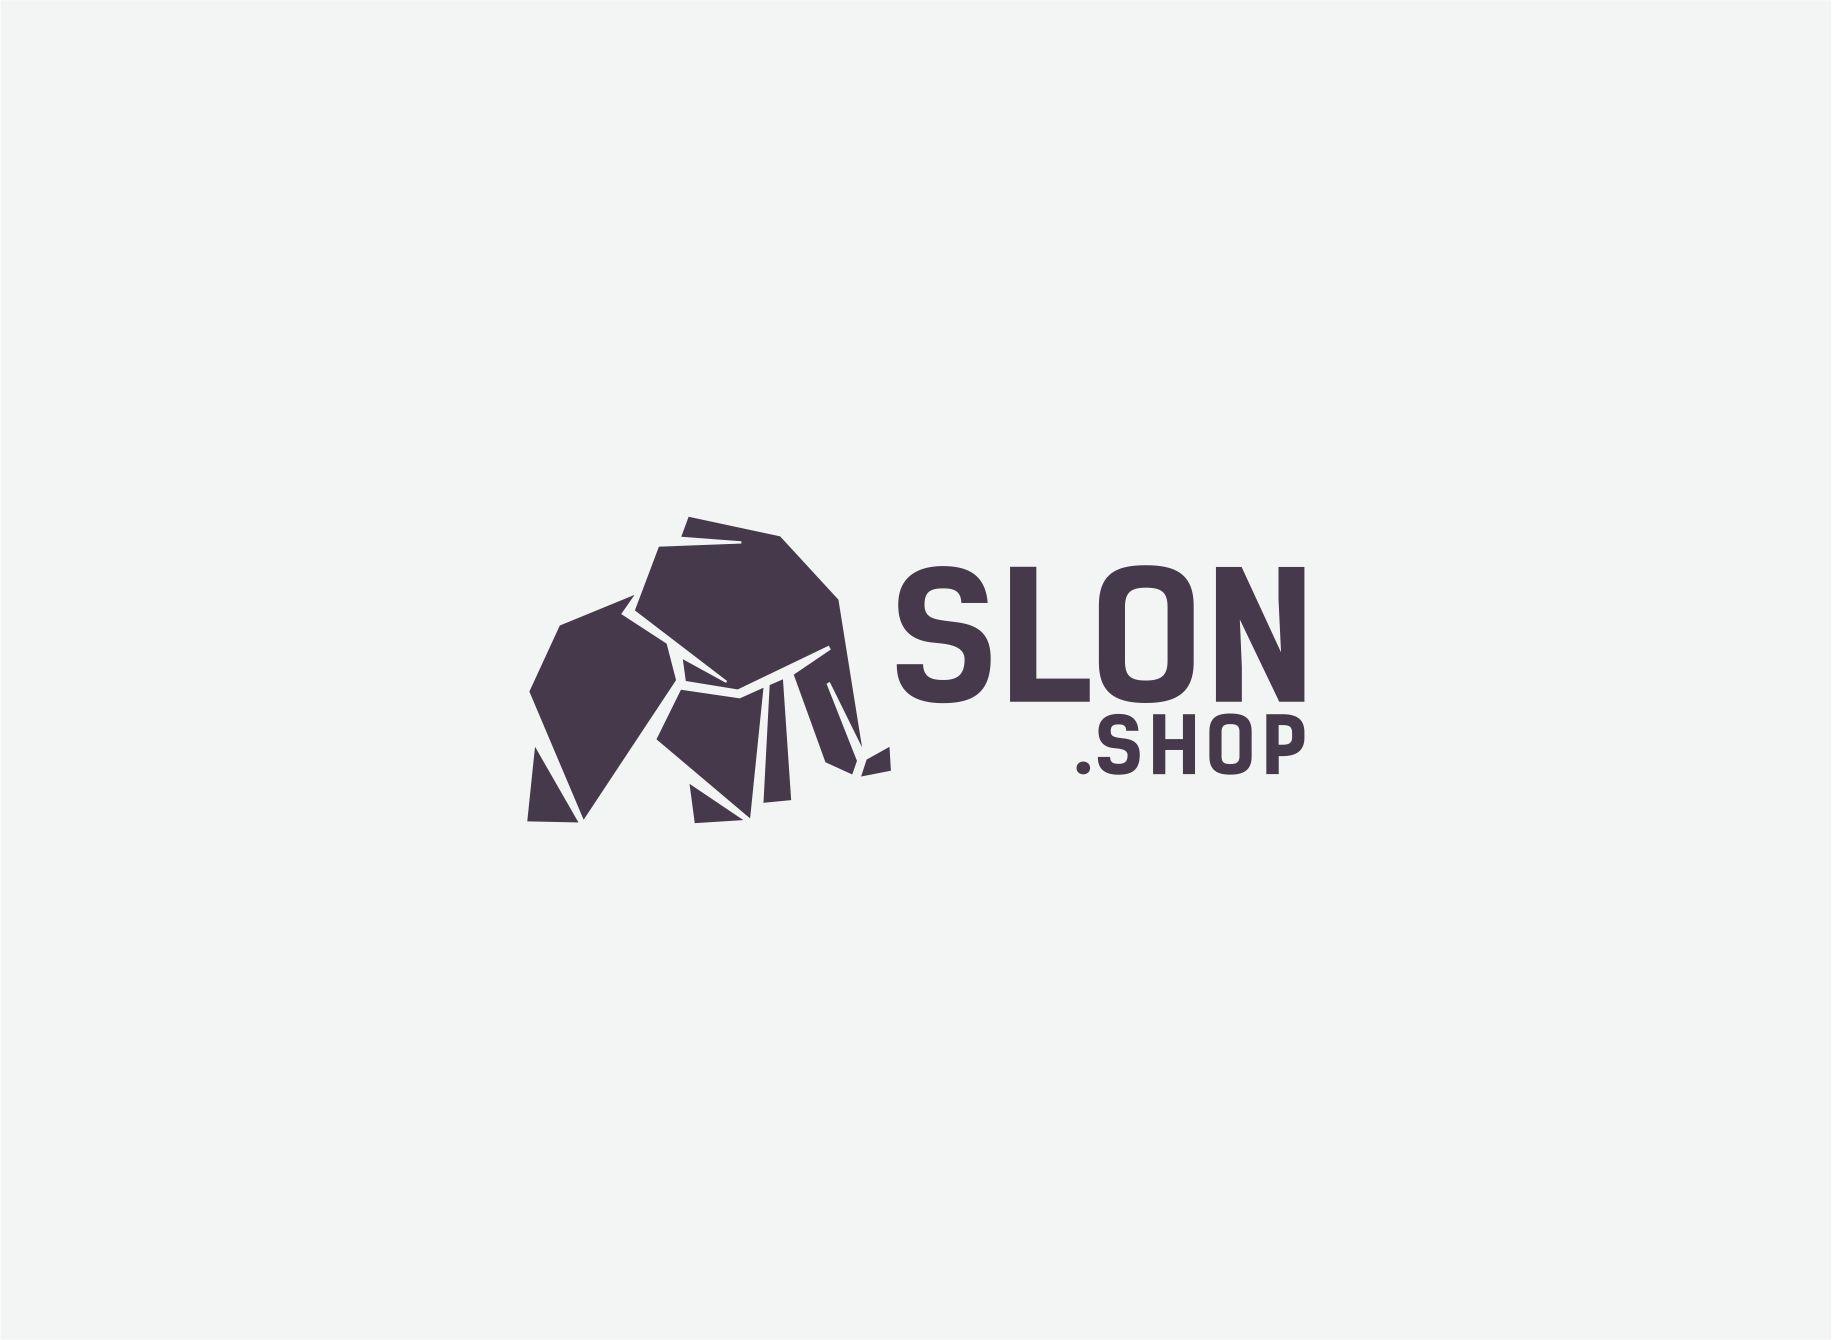 Разработать логотип и фирменный стиль интернет-магазина  фото f_954598d7d66eff49.jpg